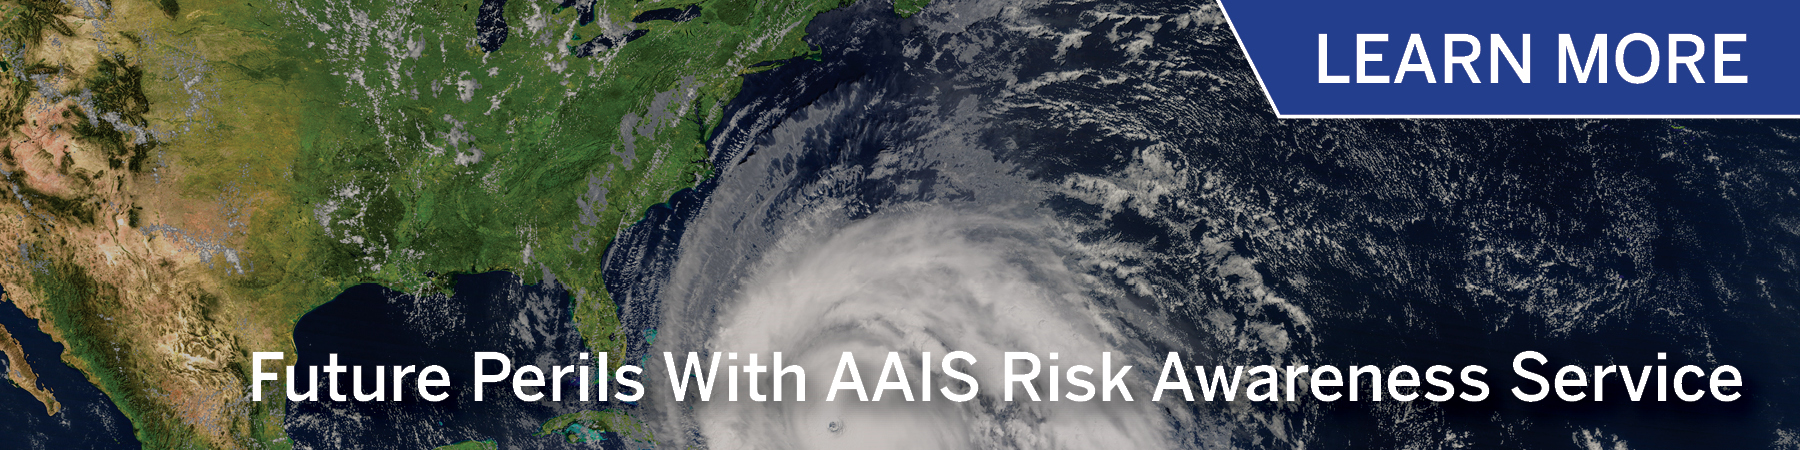 Risk Awareness Banner-2